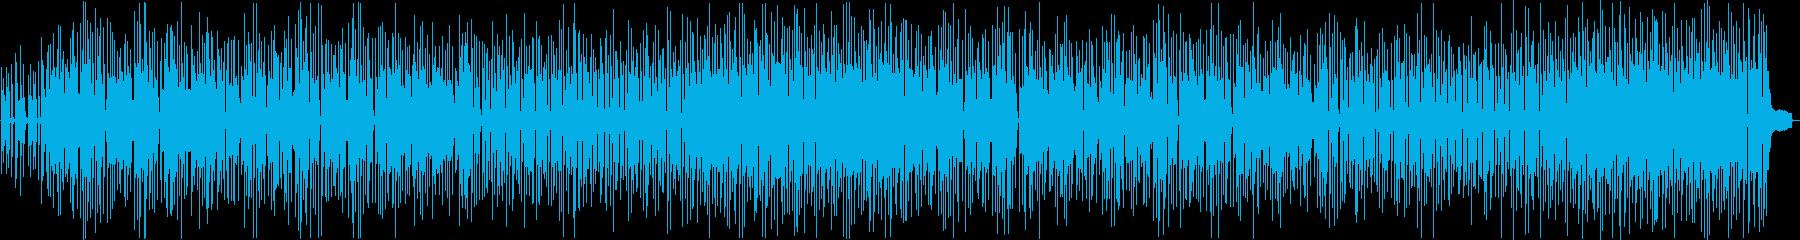 ほのぼの・田舎っぽいチープなボサノバの再生済みの波形